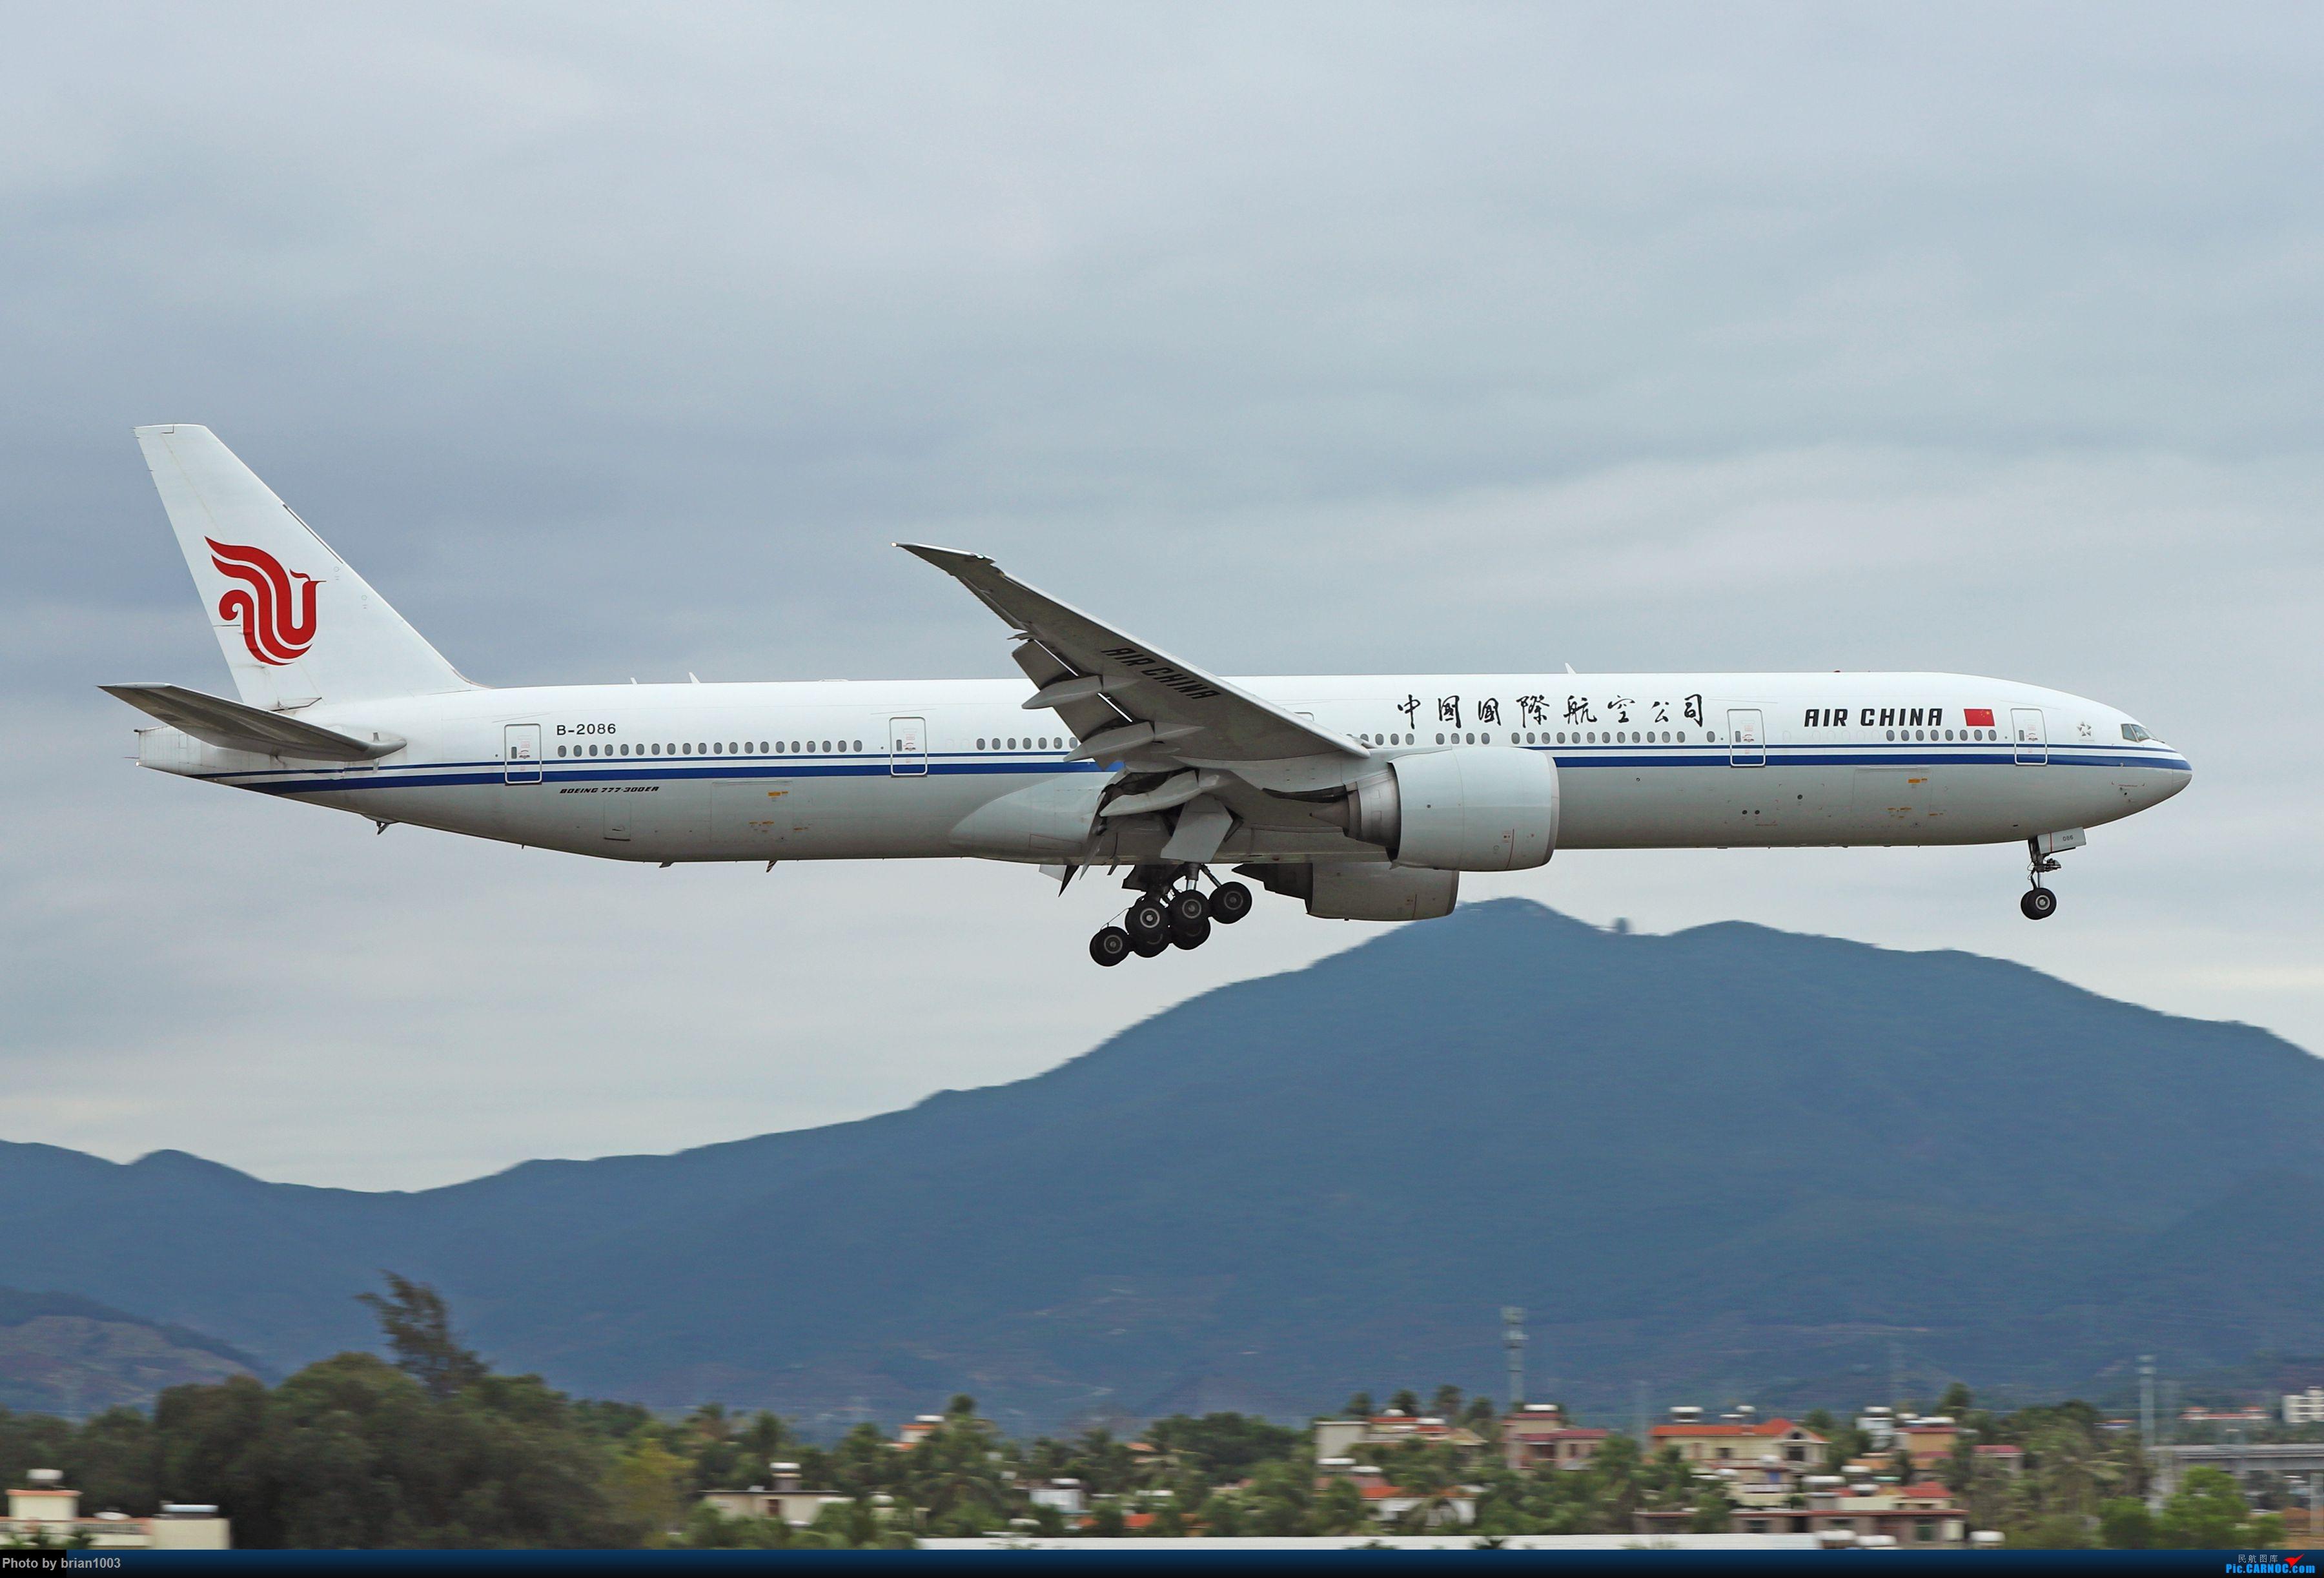 Re:[原创]CZ3347-CZ6734-HU7659,忙里偷闲的三亚拍机之行 BOEING 777-300ER B-2086 中国三亚凤凰国际机场